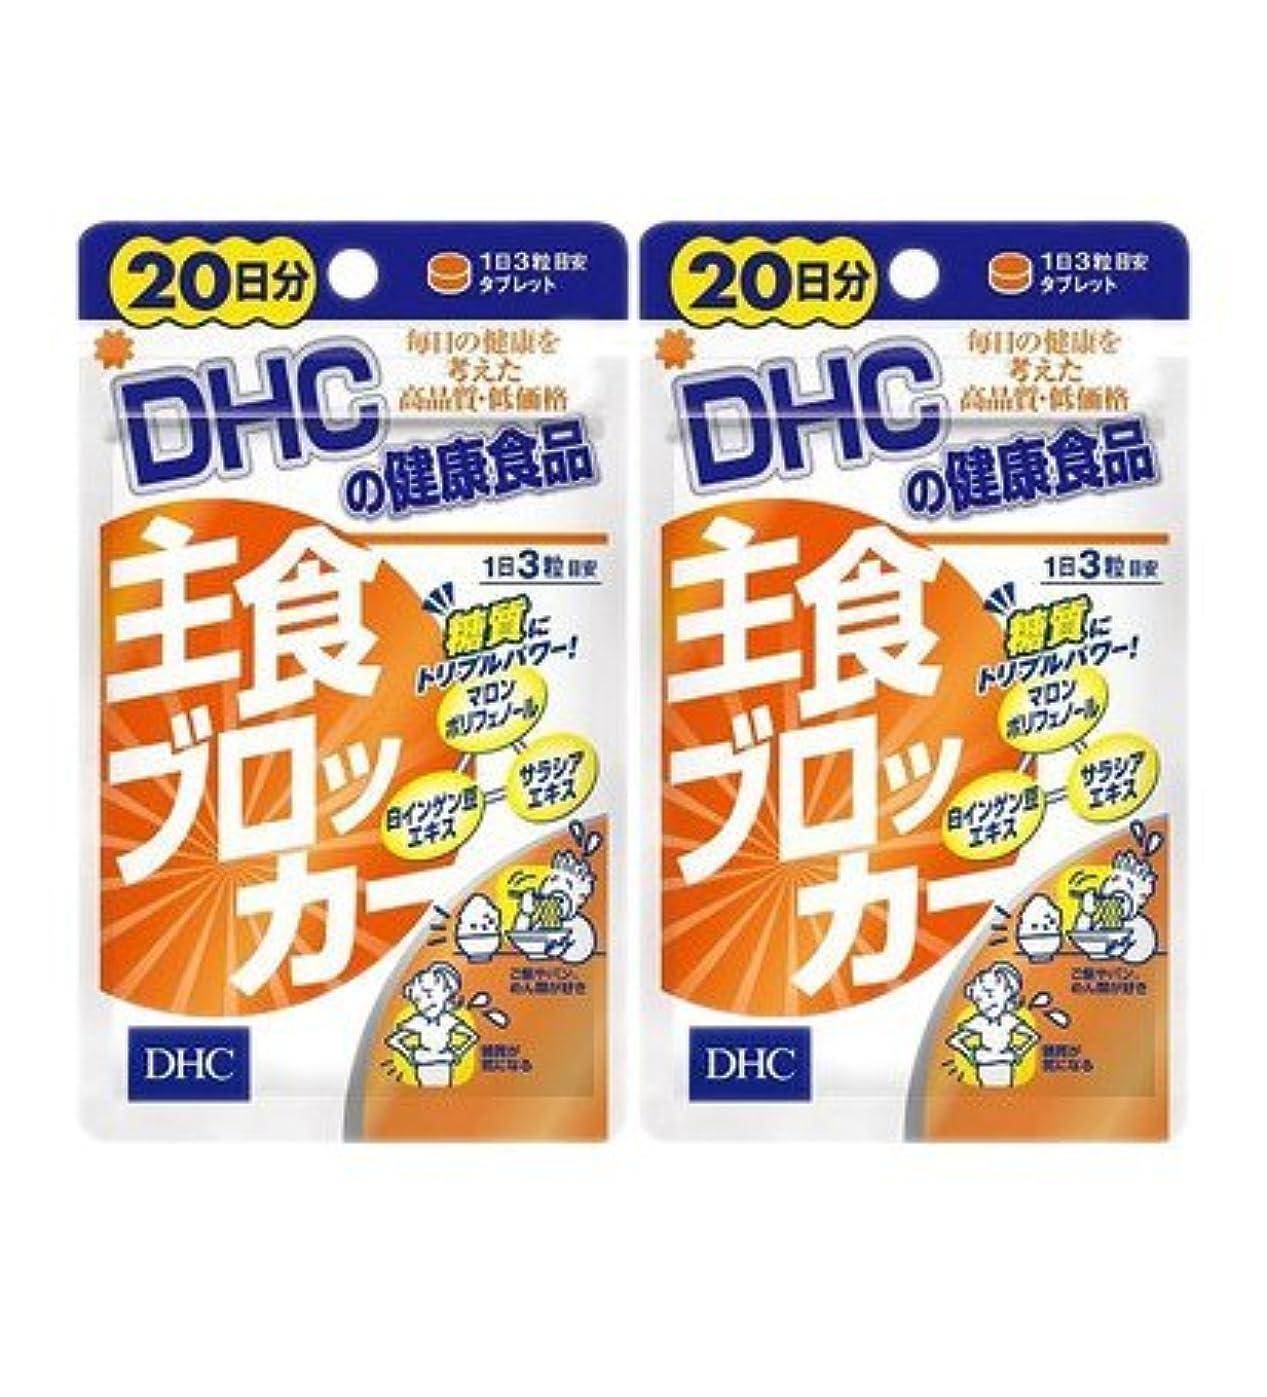 形追う突進【2個セット】DHC 主食ブロッカー 20日分 60粒入